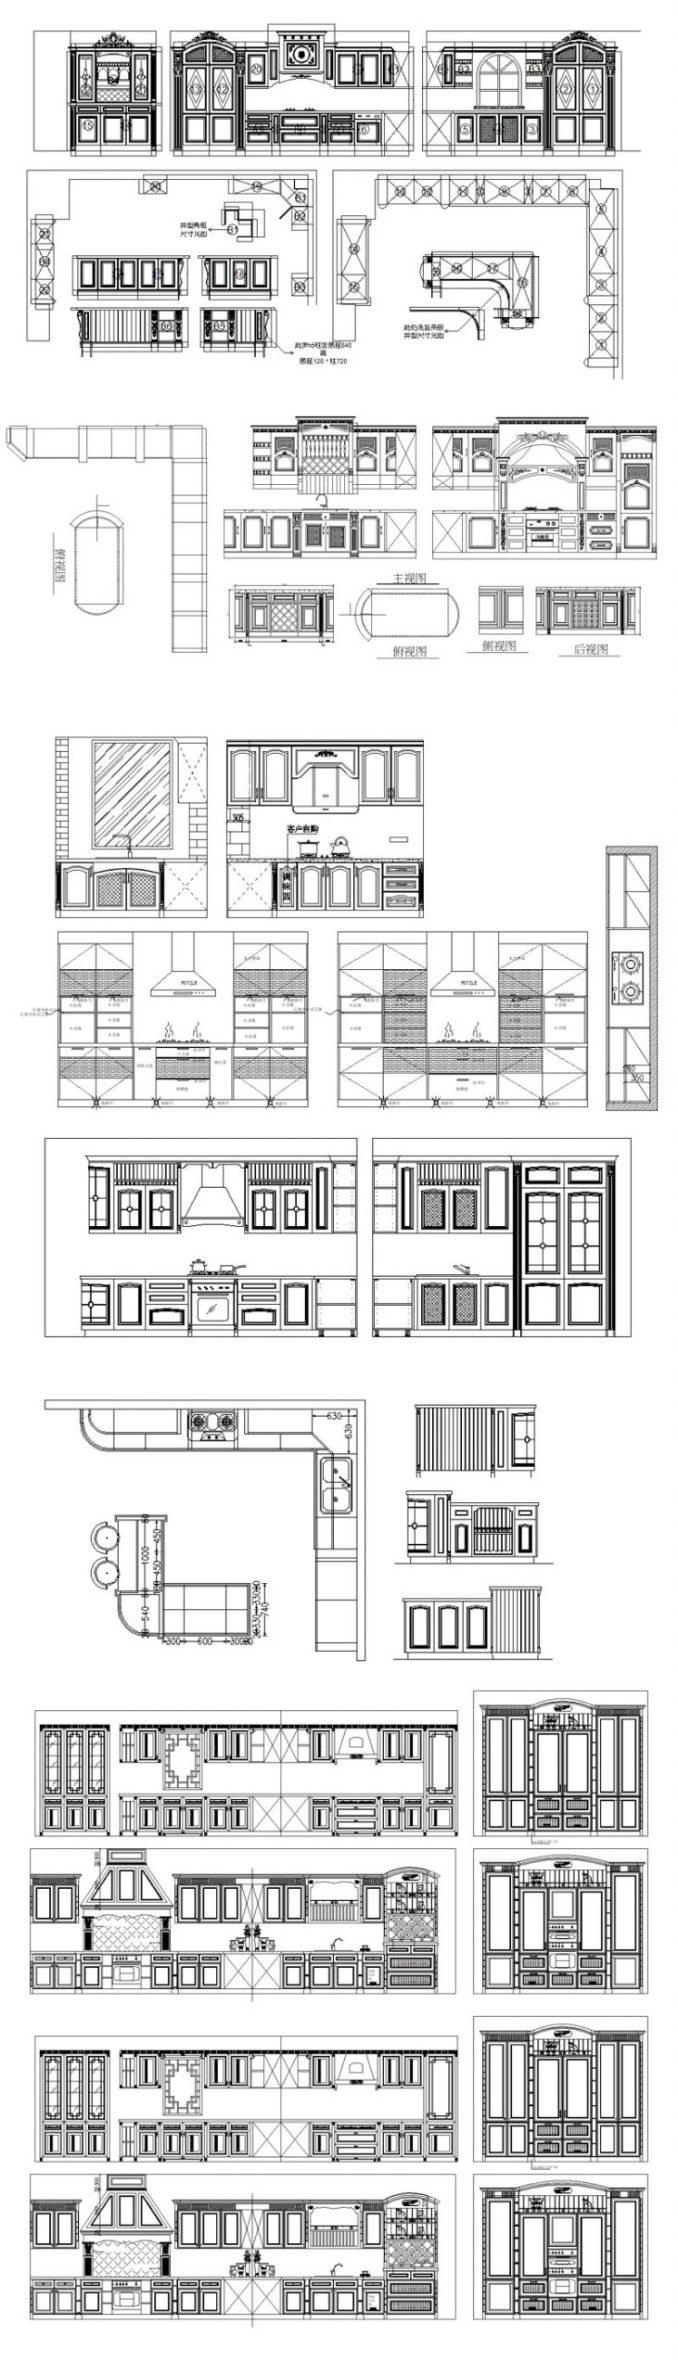 廚房,櫥櫃,廚具,系統櫃,建築室內設計,CAD圖庫,室內設計,工裝,家裝,傢俱,平面,立面,CAD圖塊,素材,平面圖範例